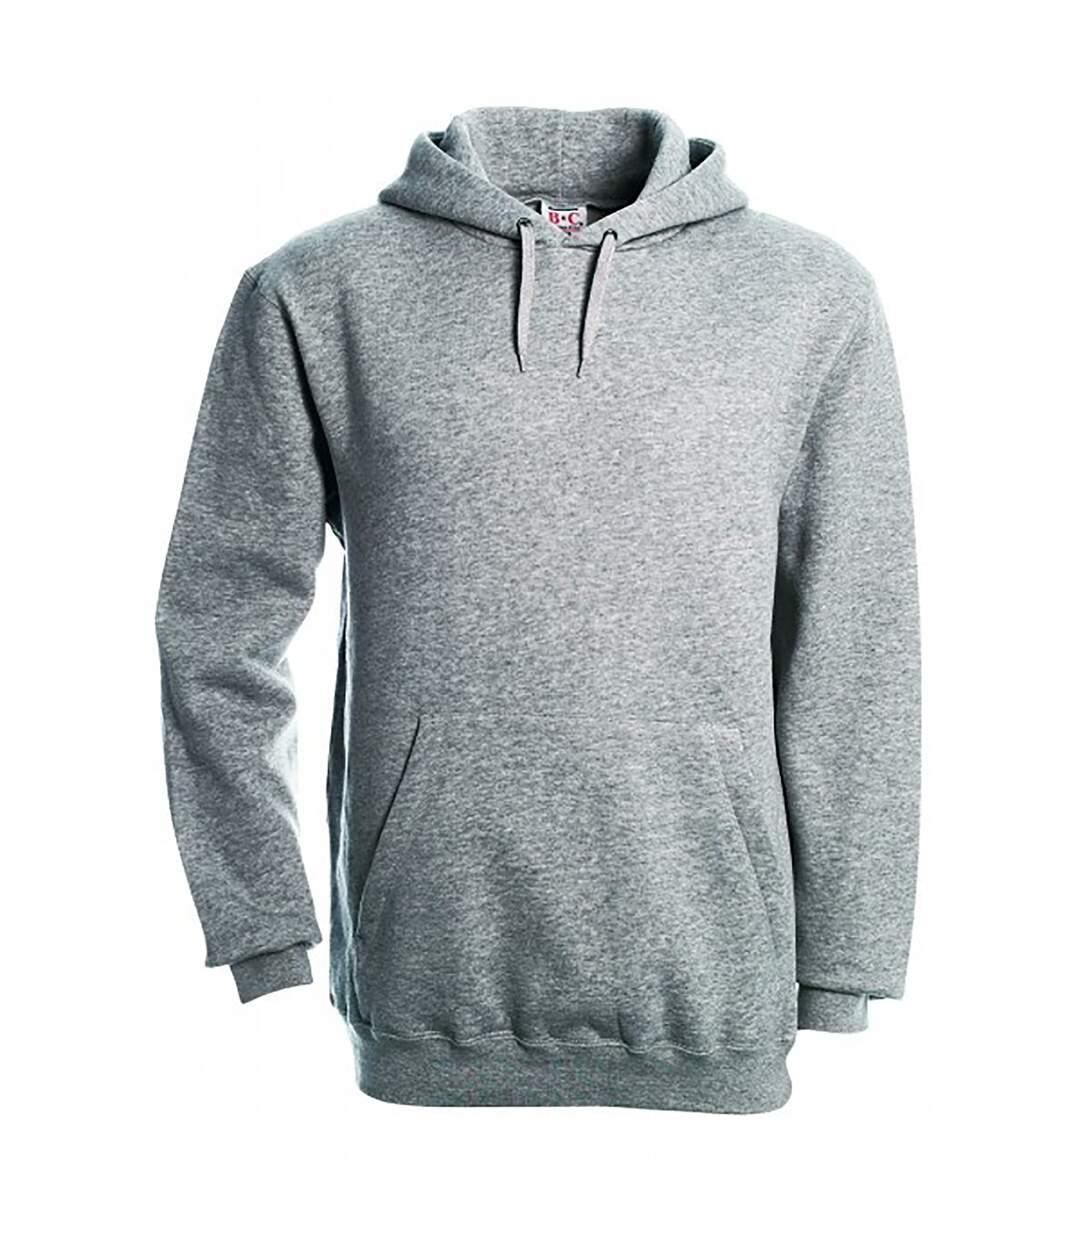 B&C Mens Hooded Sweatshirt / Hoodie (Khaki) - UTBC127